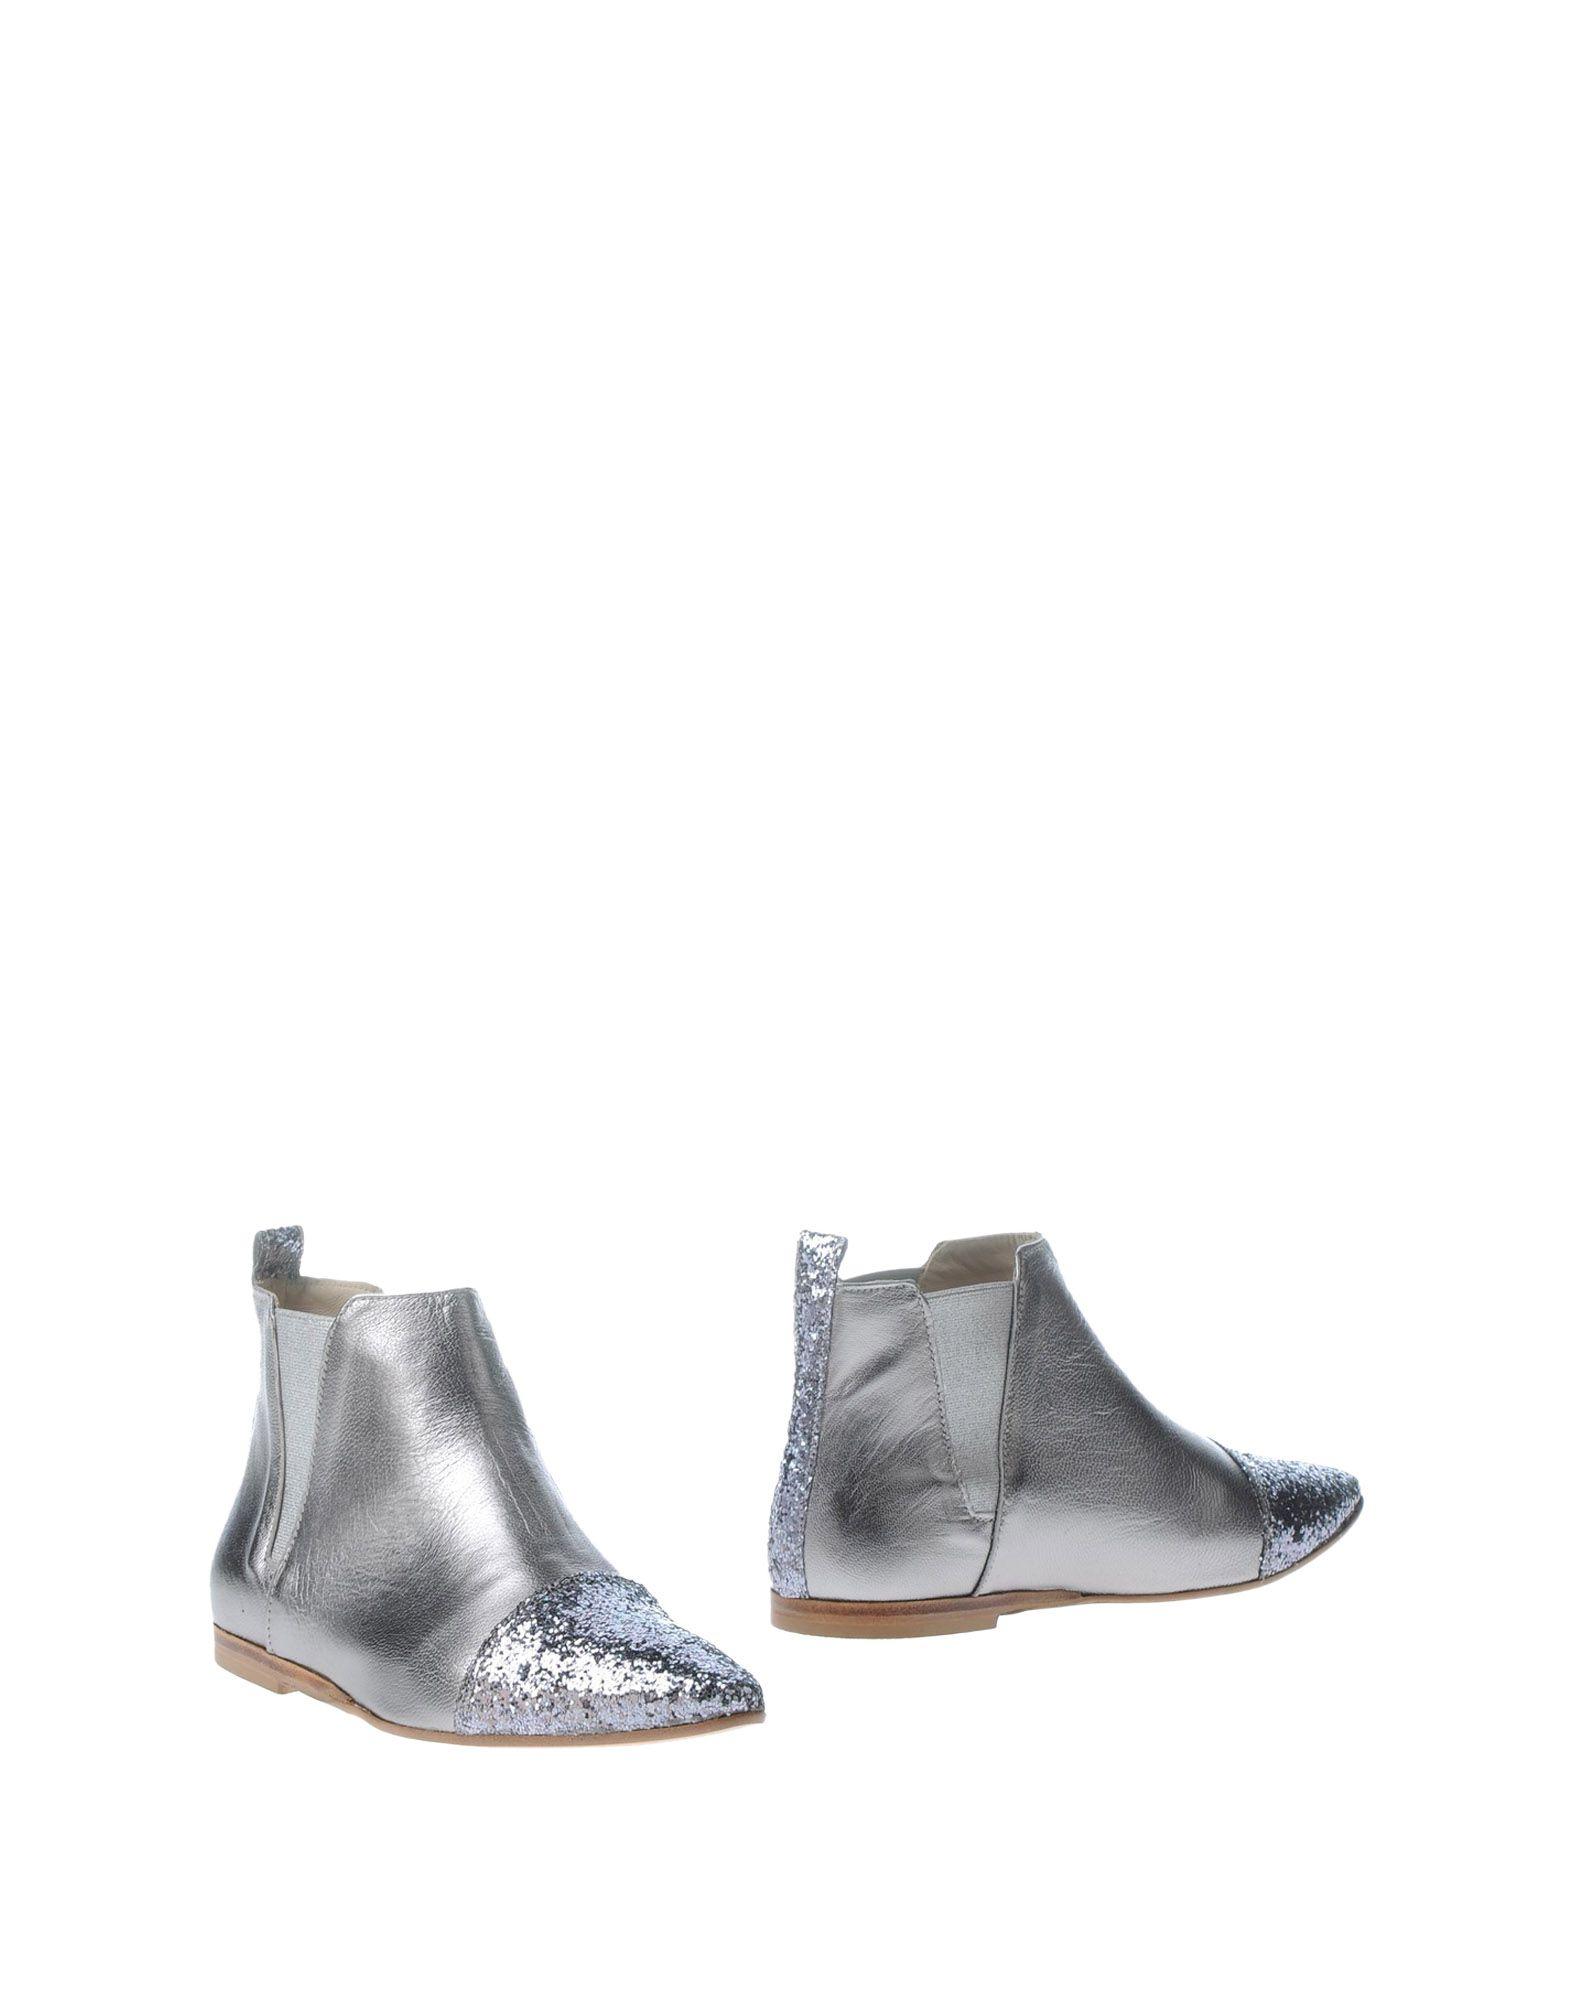 LISA C BIJOUX Полусапоги и высокие ботинки купить футбольную форму челси торрес